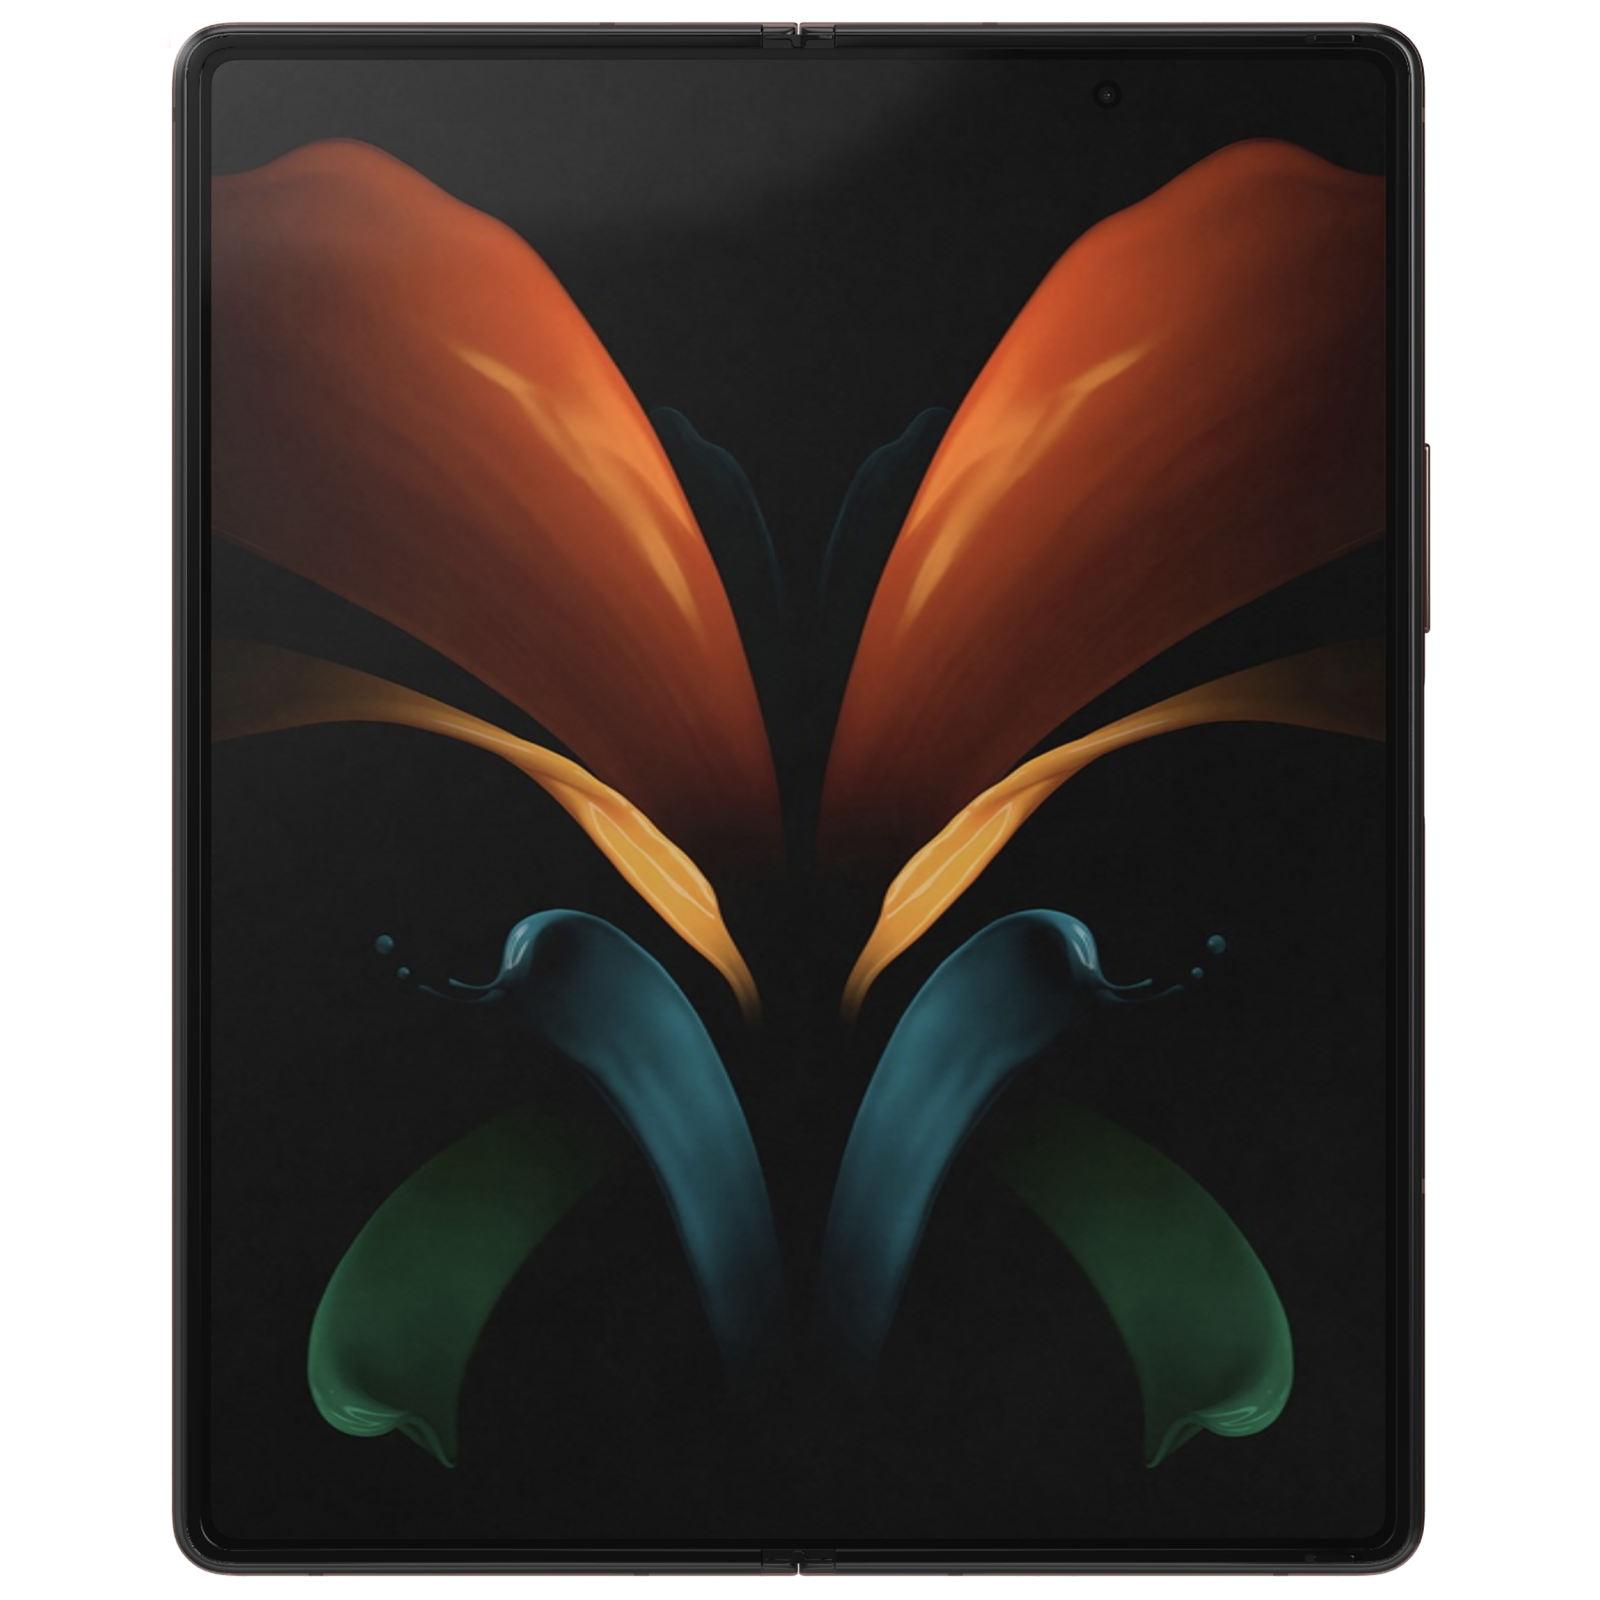 گوشی موبایل سامسونگ مدل Galaxy Z Fold2 LTE SM-F916B تک سیمکارت ظرفیت ۲۵۶ گیگابایت و رم ۱۲ گیگابایت